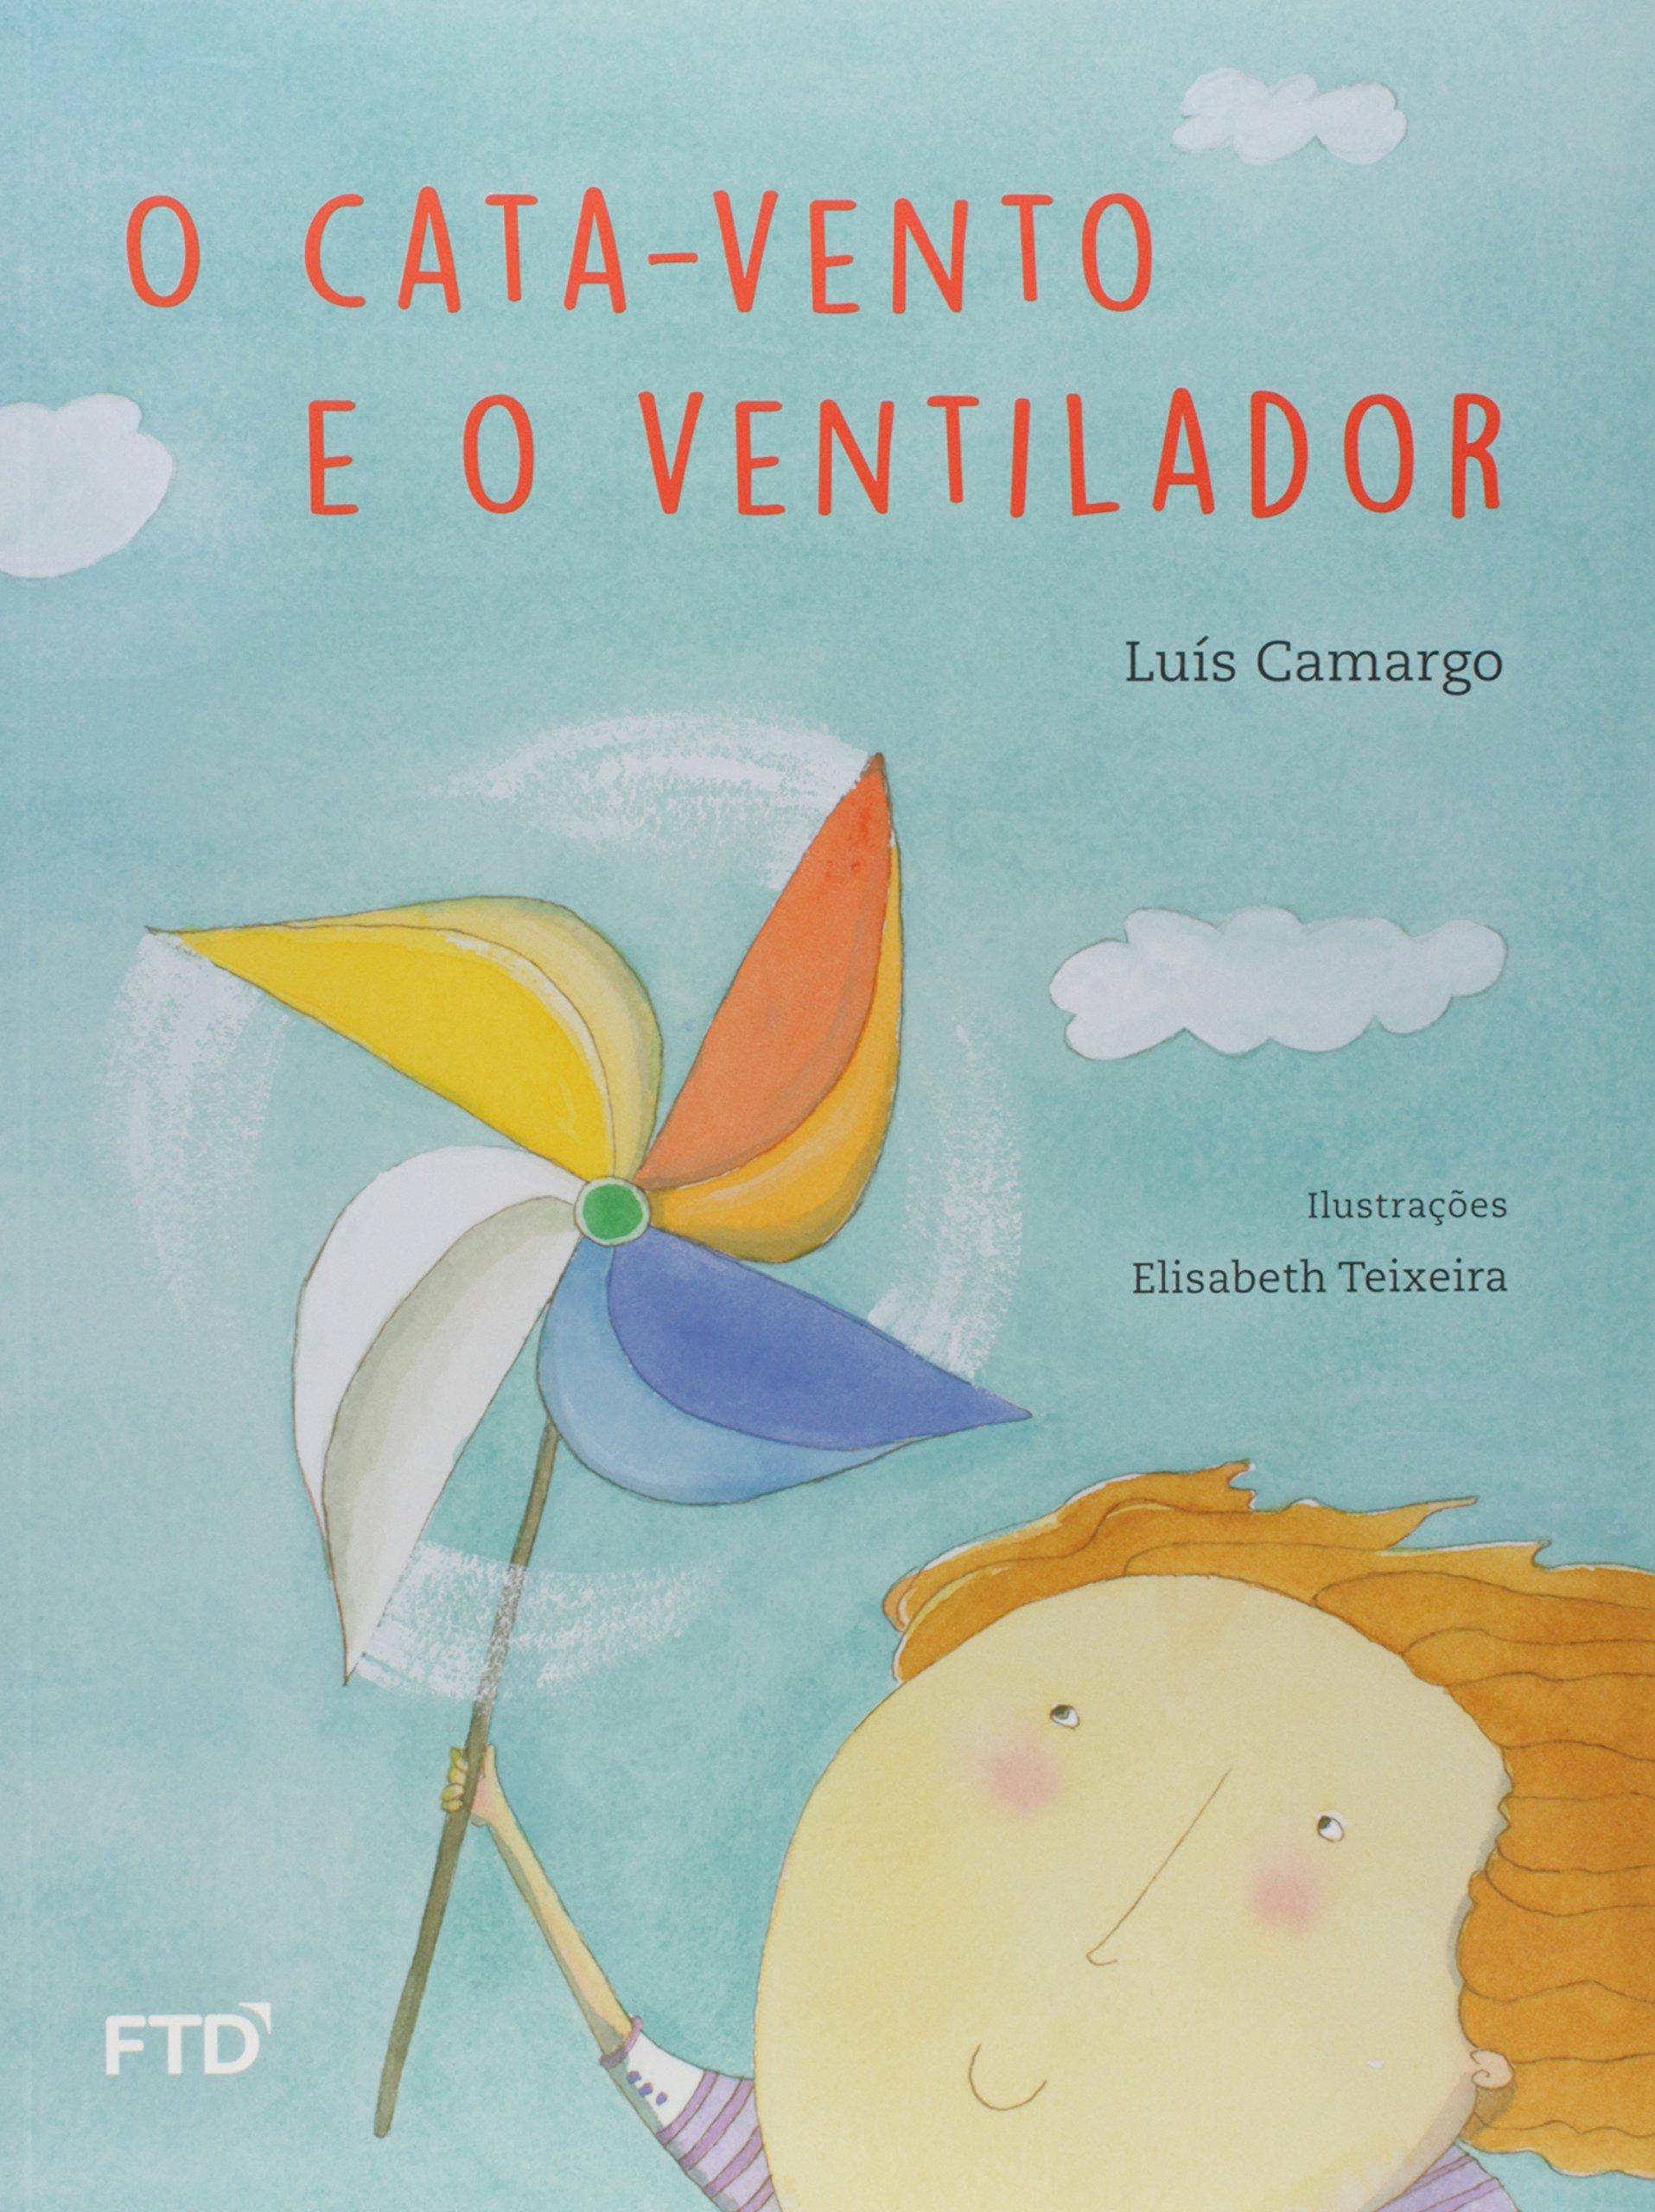 O cata-vento e o ventilador: Amazon.es: Luís Camargo: Libros